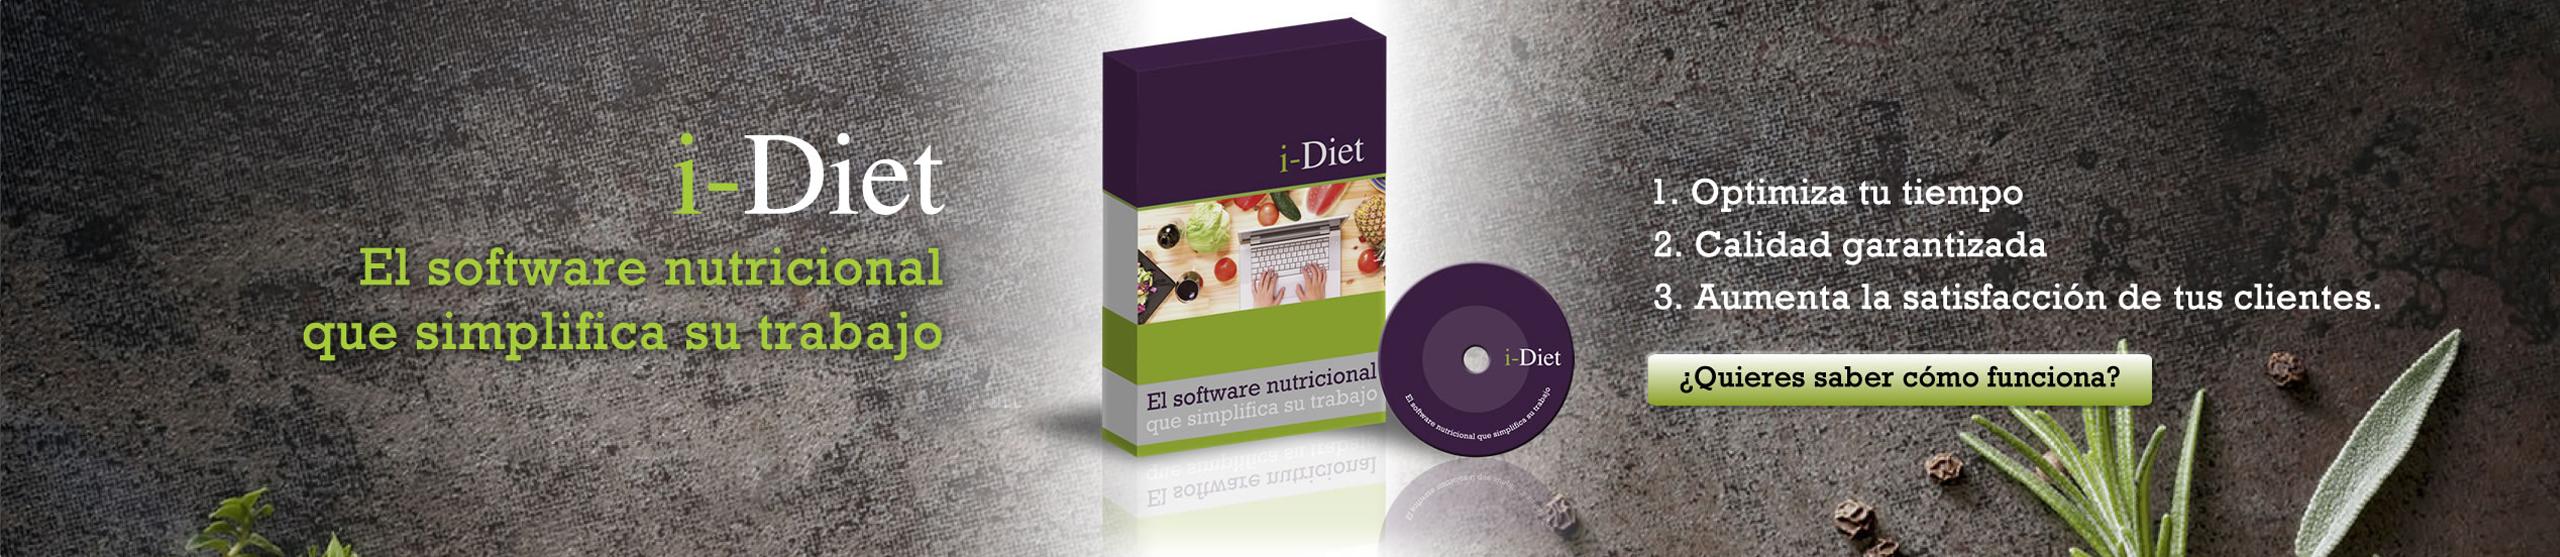 i-diet